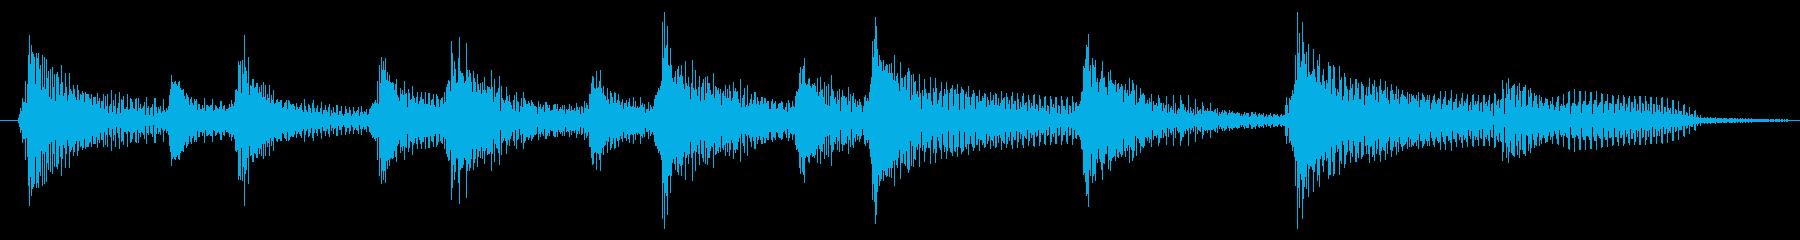 三線・ウクレレ・沖縄・夏ジングルの再生済みの波形